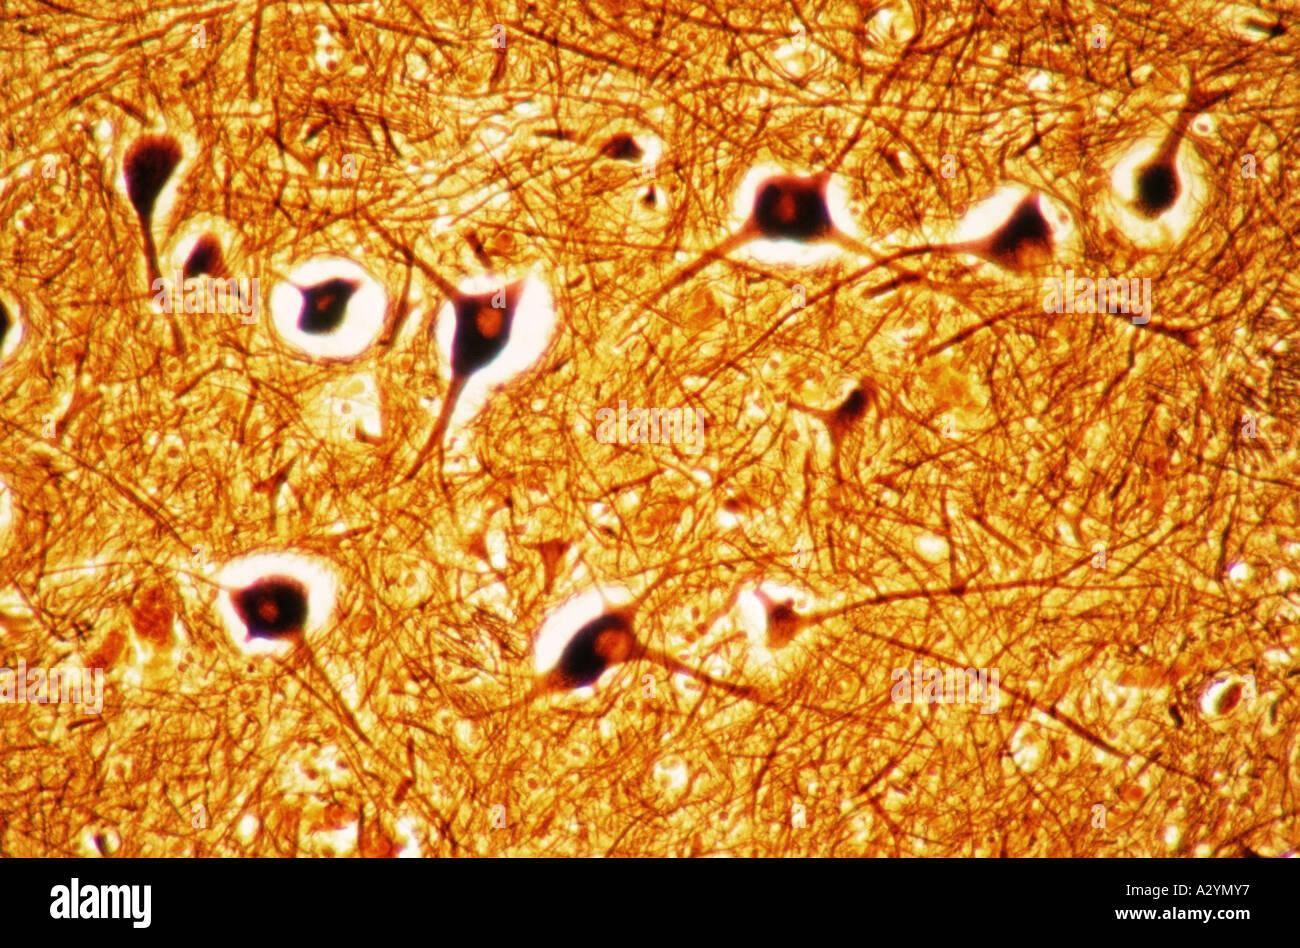 Nerve cells in brain stem - Stock Image